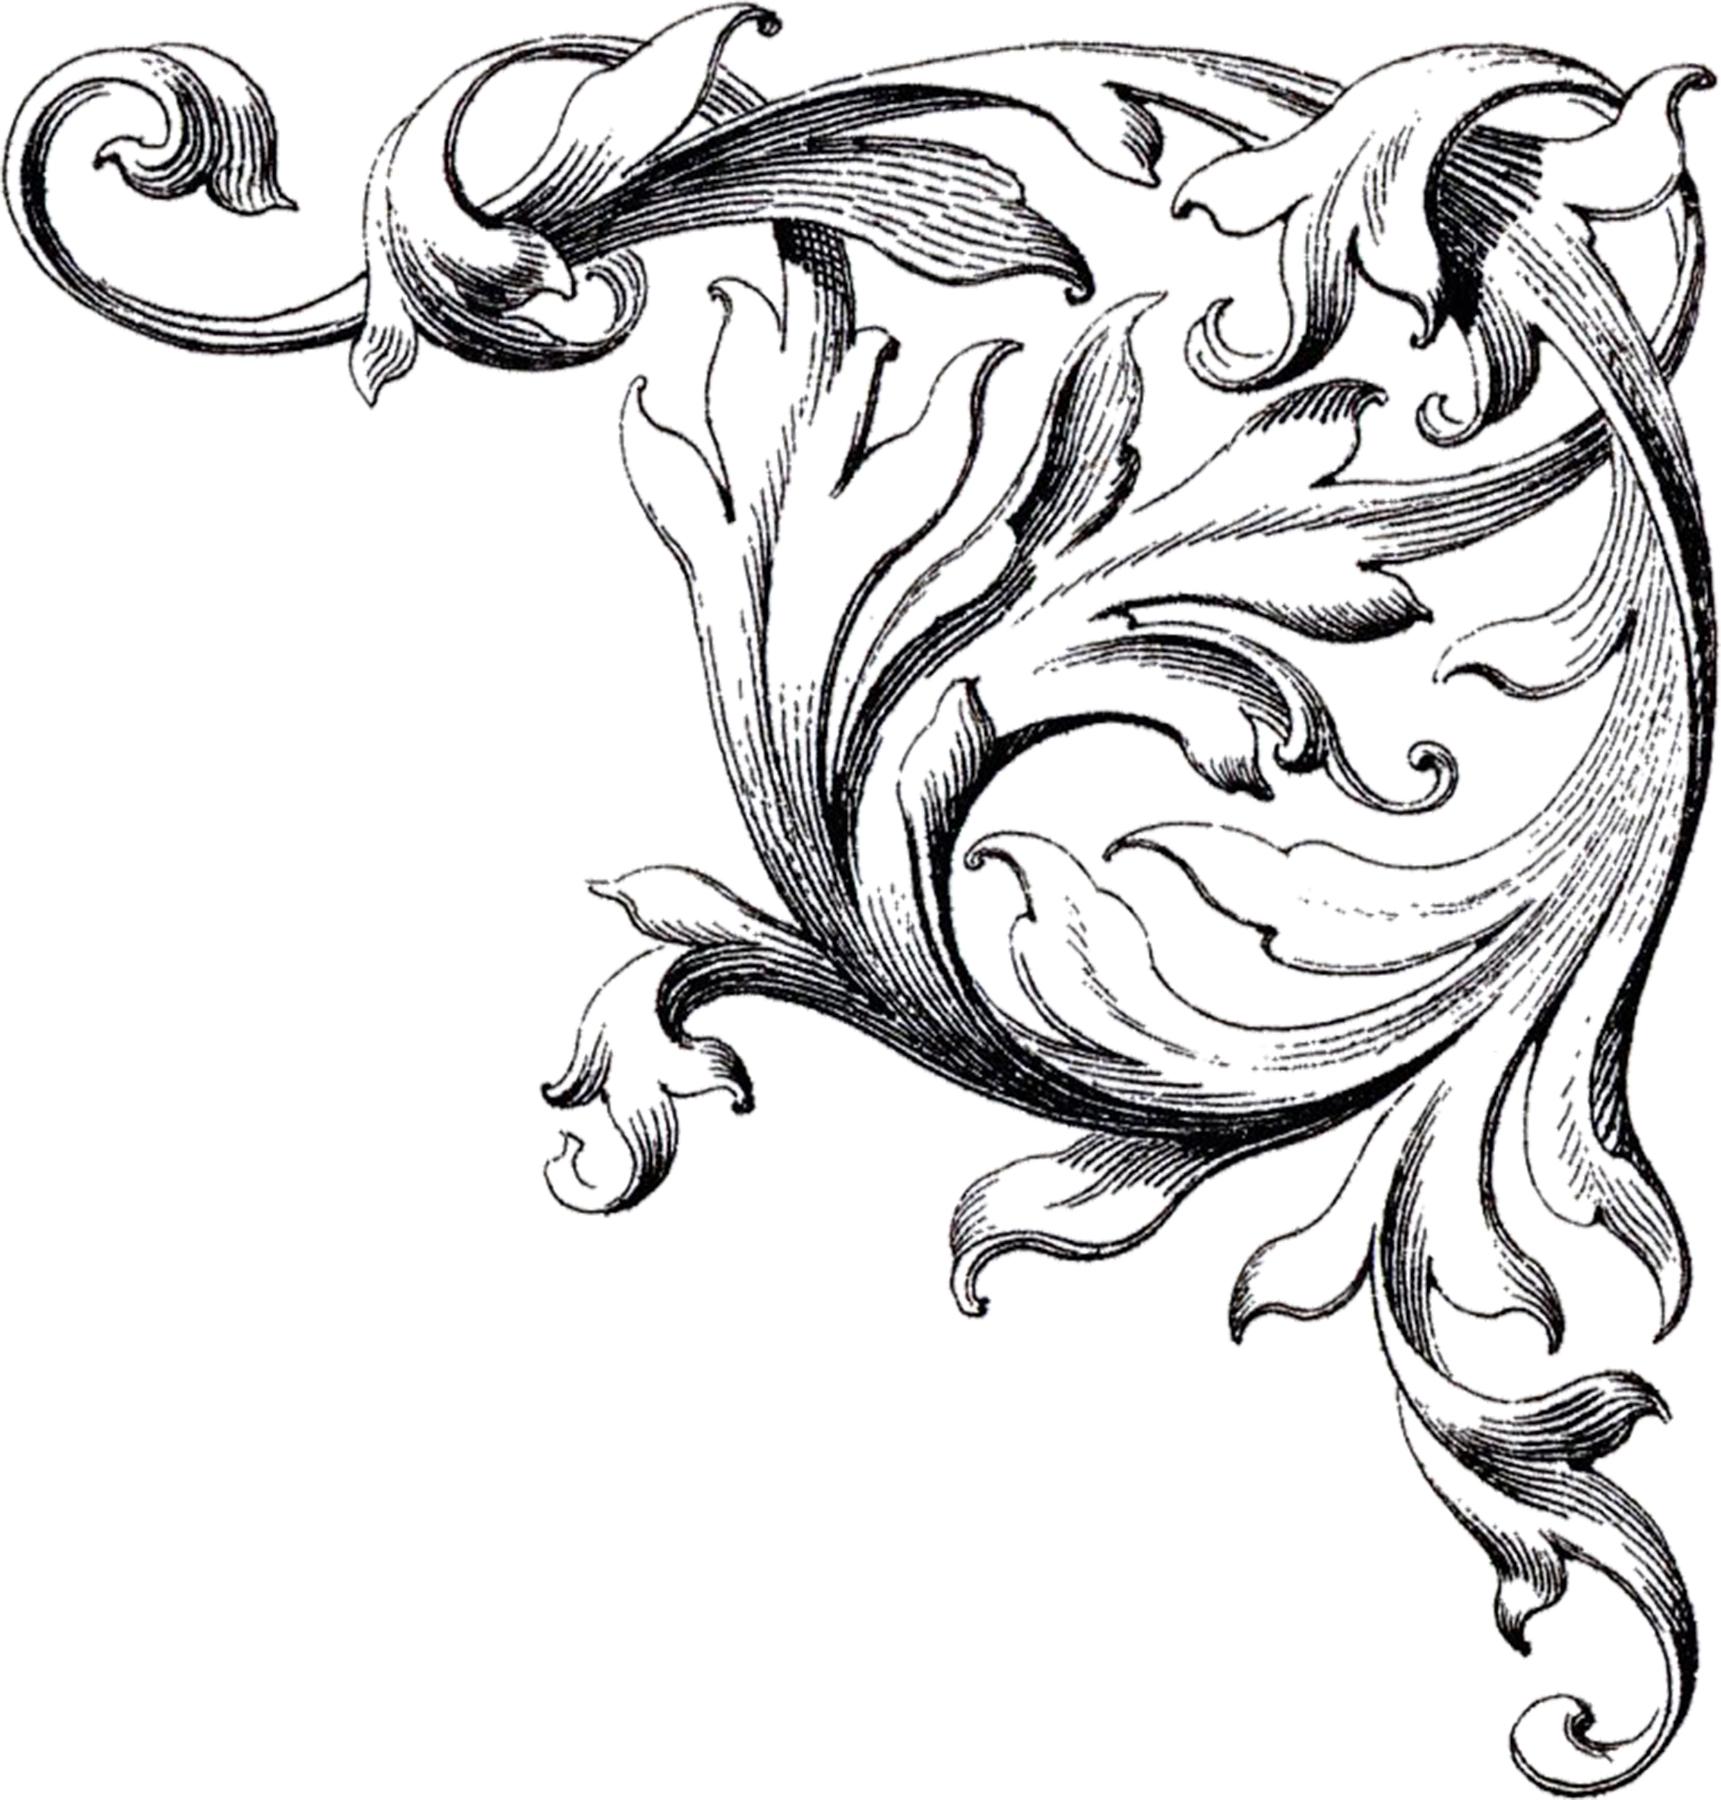 Free Wedding Clip Art Scrolls-Free Wedding Clip Art Scrolls-12